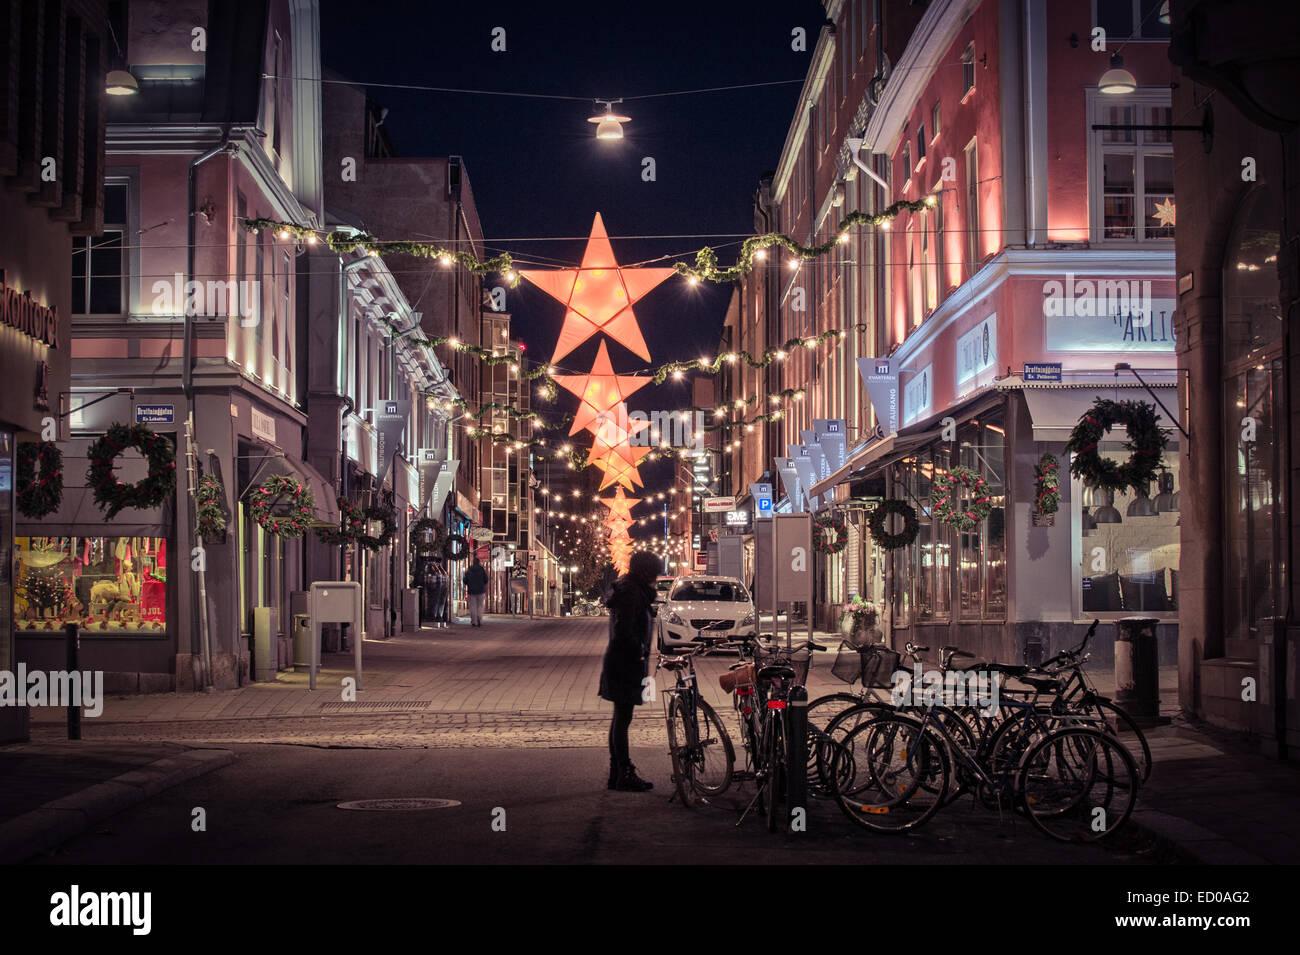 Décorations de Noël dans le centre-ville de Norrkoping, Suède. Photo Stock